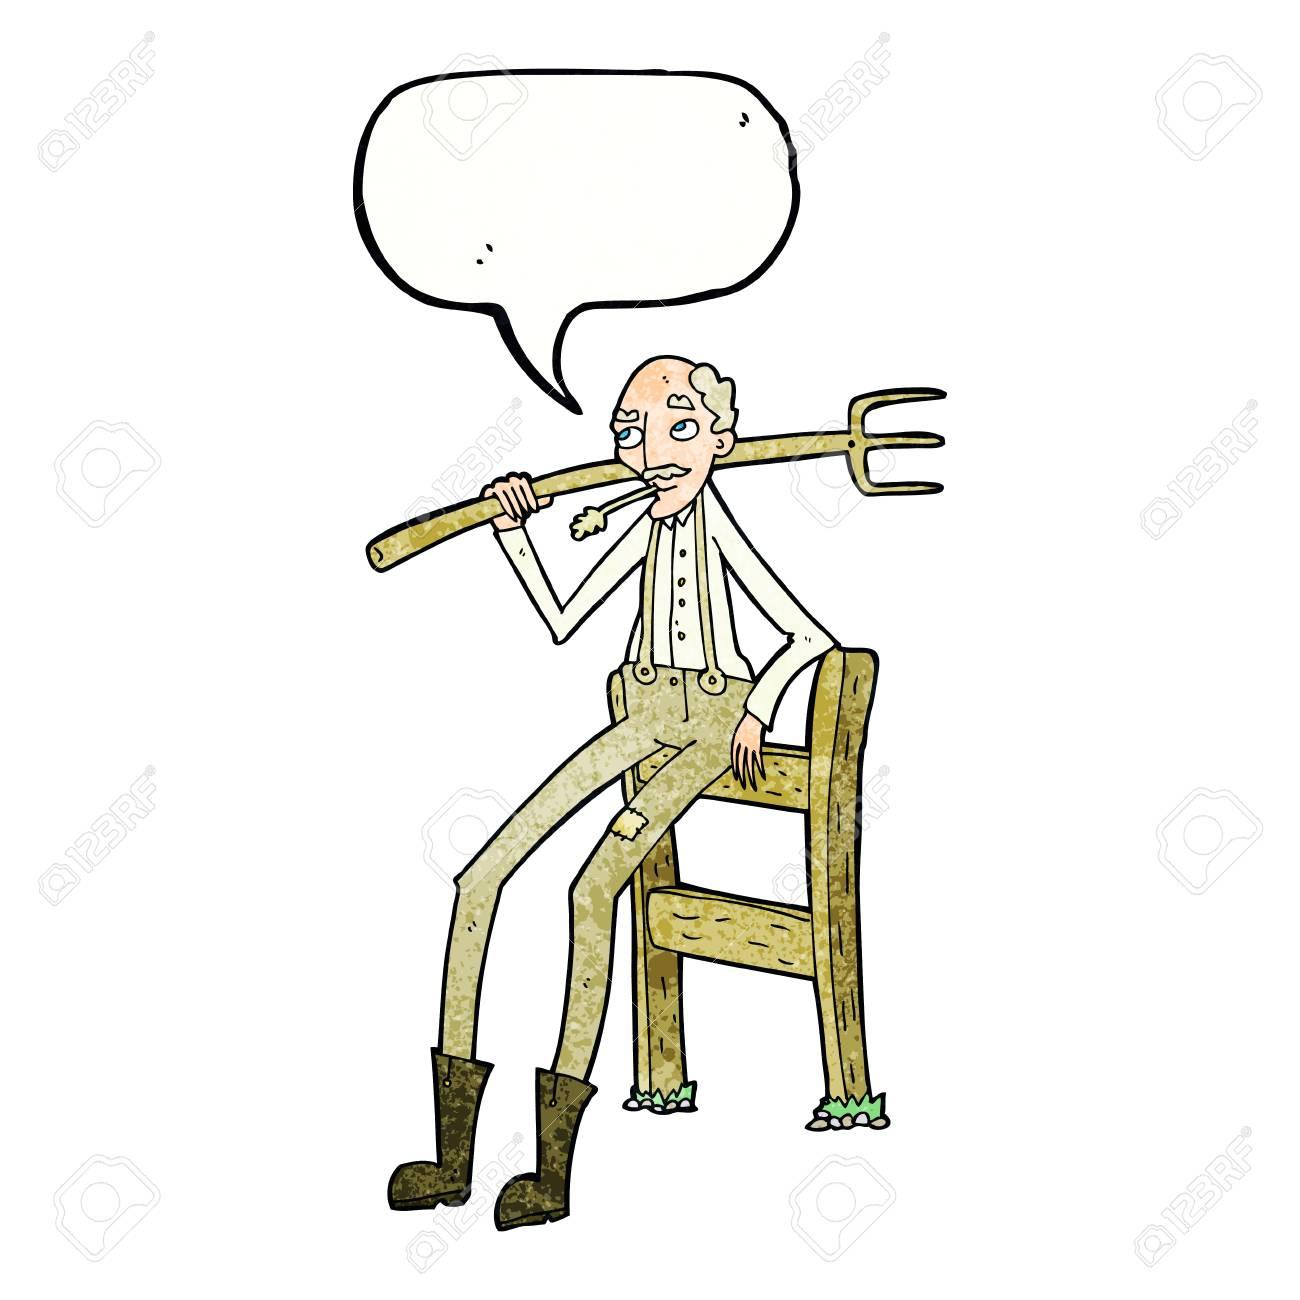 Cartoon Alten Bauern Stutzte Sich Auf Zaun Mit Sprechblase